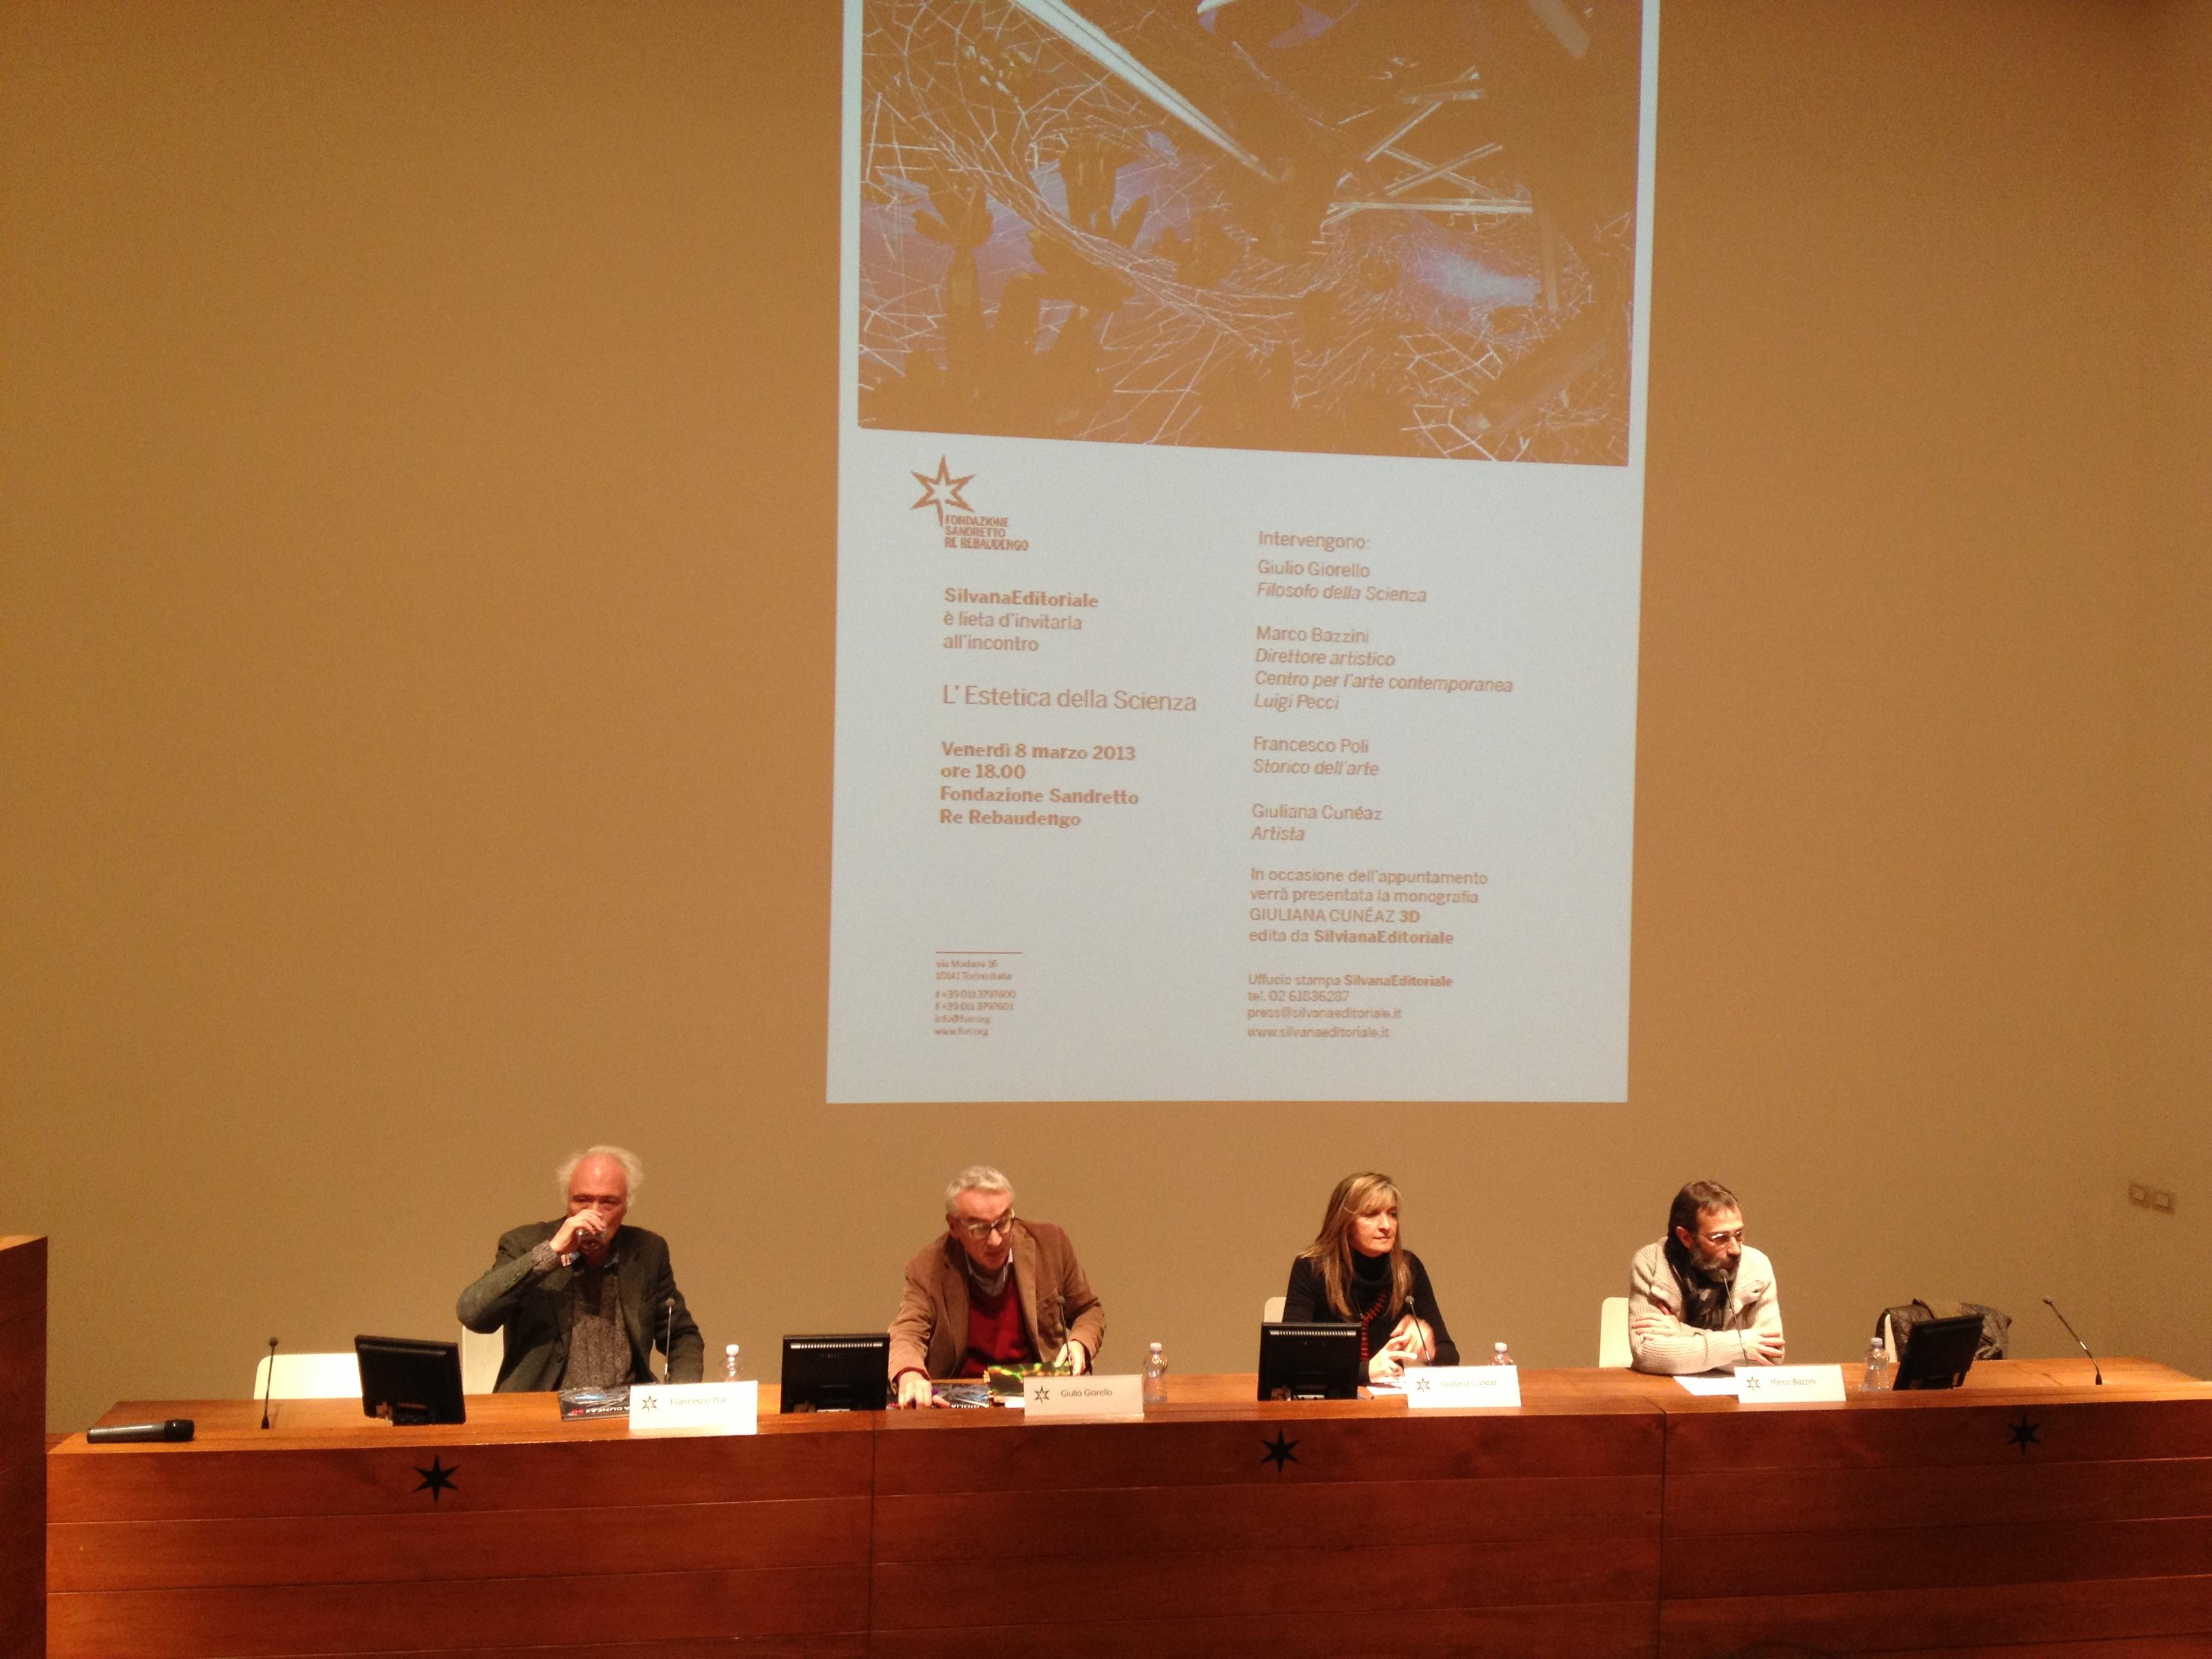 """Francesco Poli, Giulio Giorello, Giuliana Cuneaz, Marco Bazzini, """"L'Estetica della scienza"""", venerdì 8 marzo 2013, Fondazione Sandretto Re Rebaudengo, Torino"""